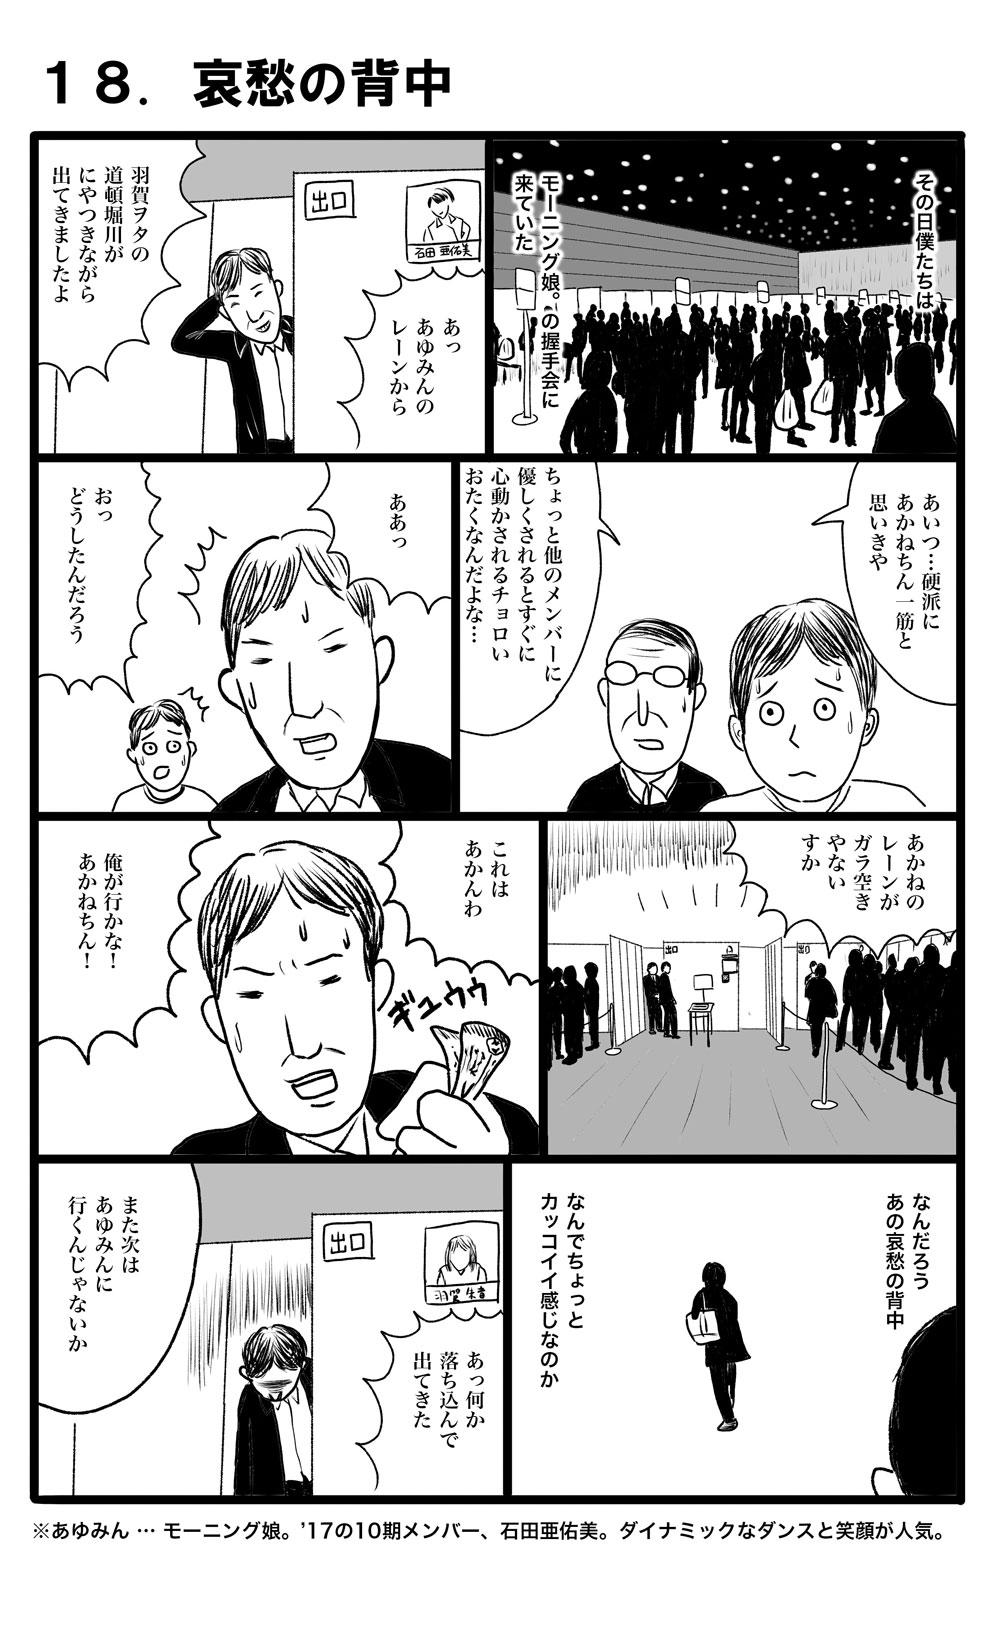 tsurugi-mikito-018